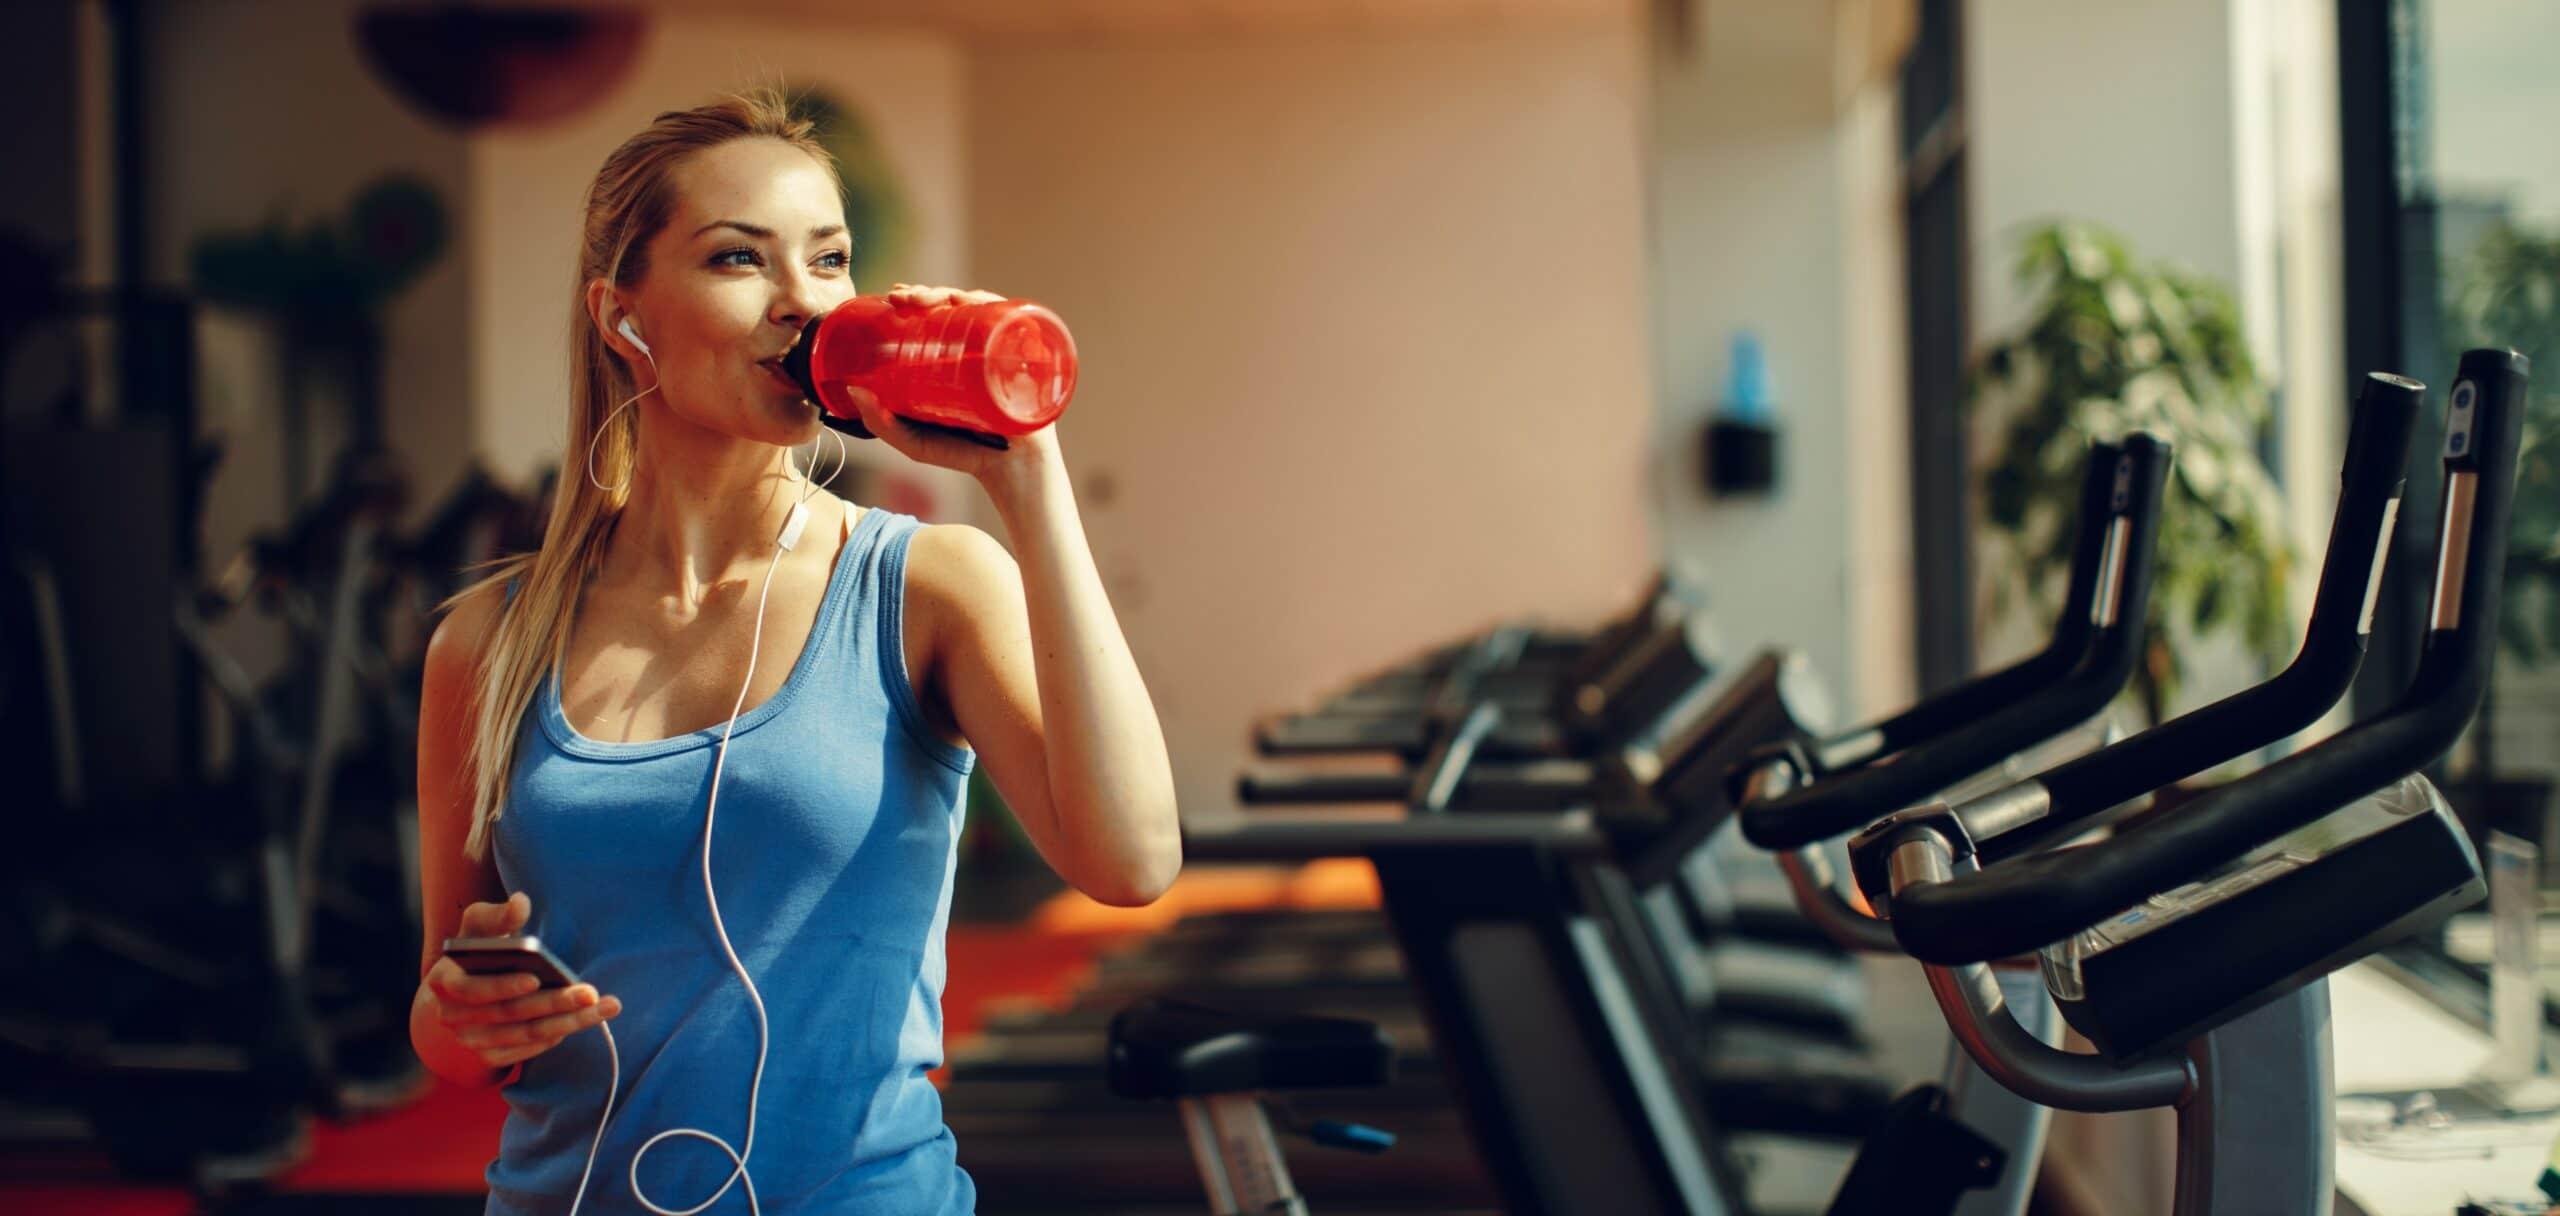 bevande energetiche per lo sport e la palestra